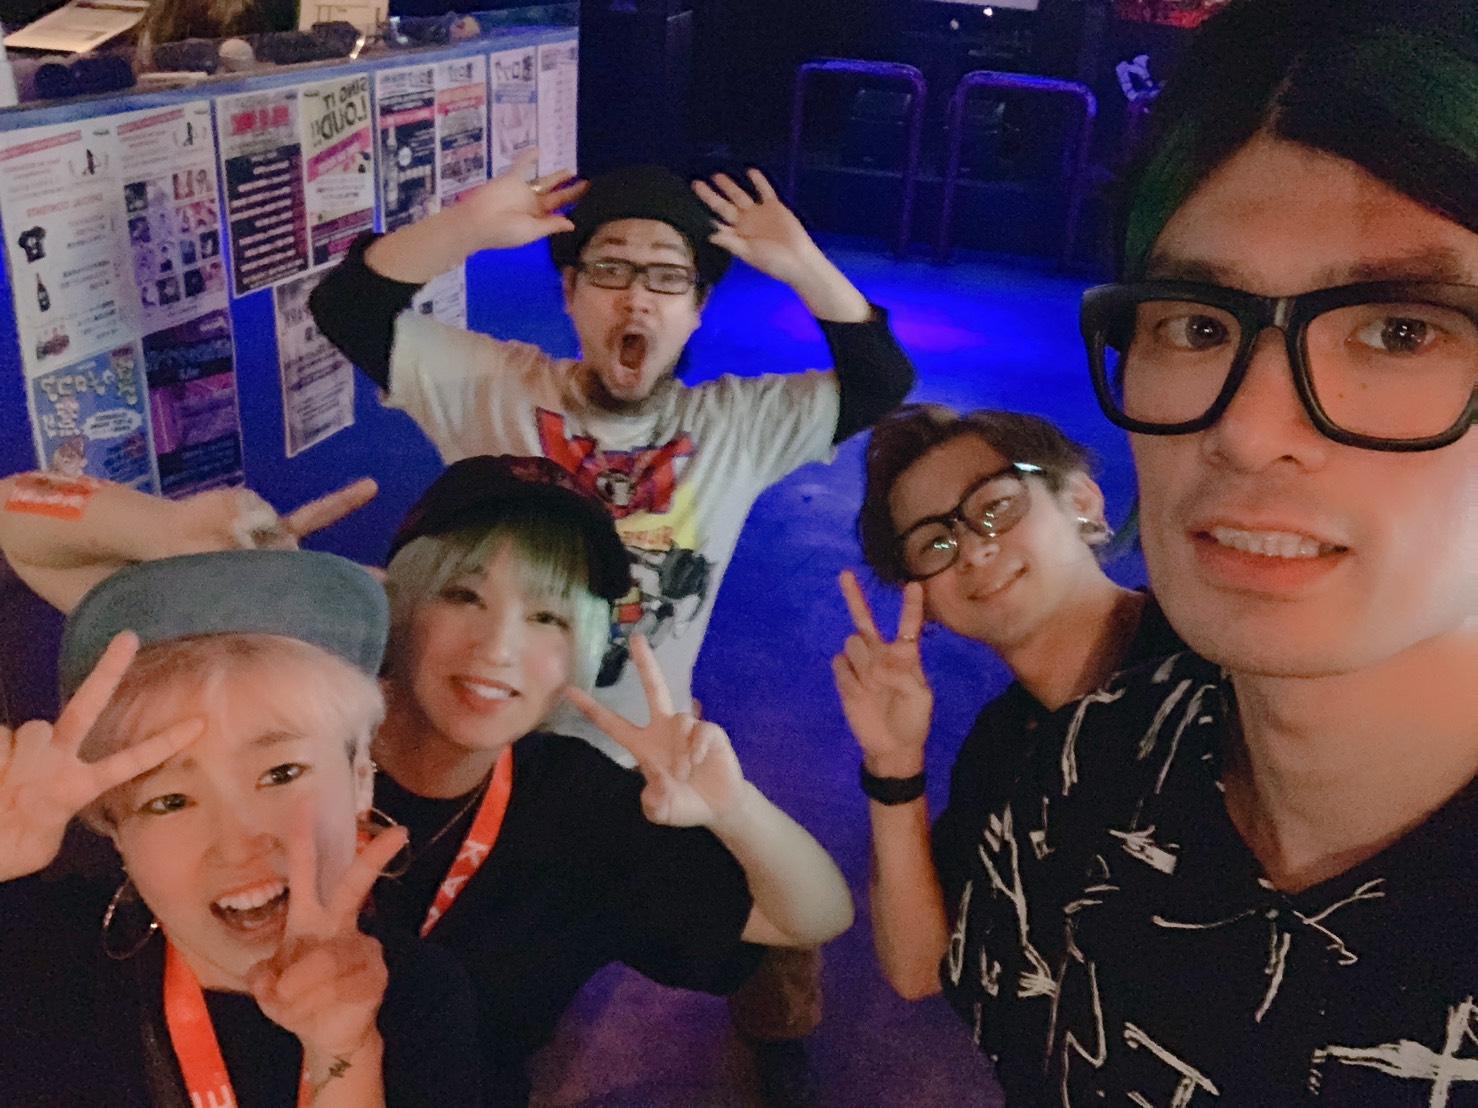 https://bar-rockaholic.jp/shibuya/blog/8A4D82A1-342D-42A5-8D3E-A1F18BC8EFC1.jpeg